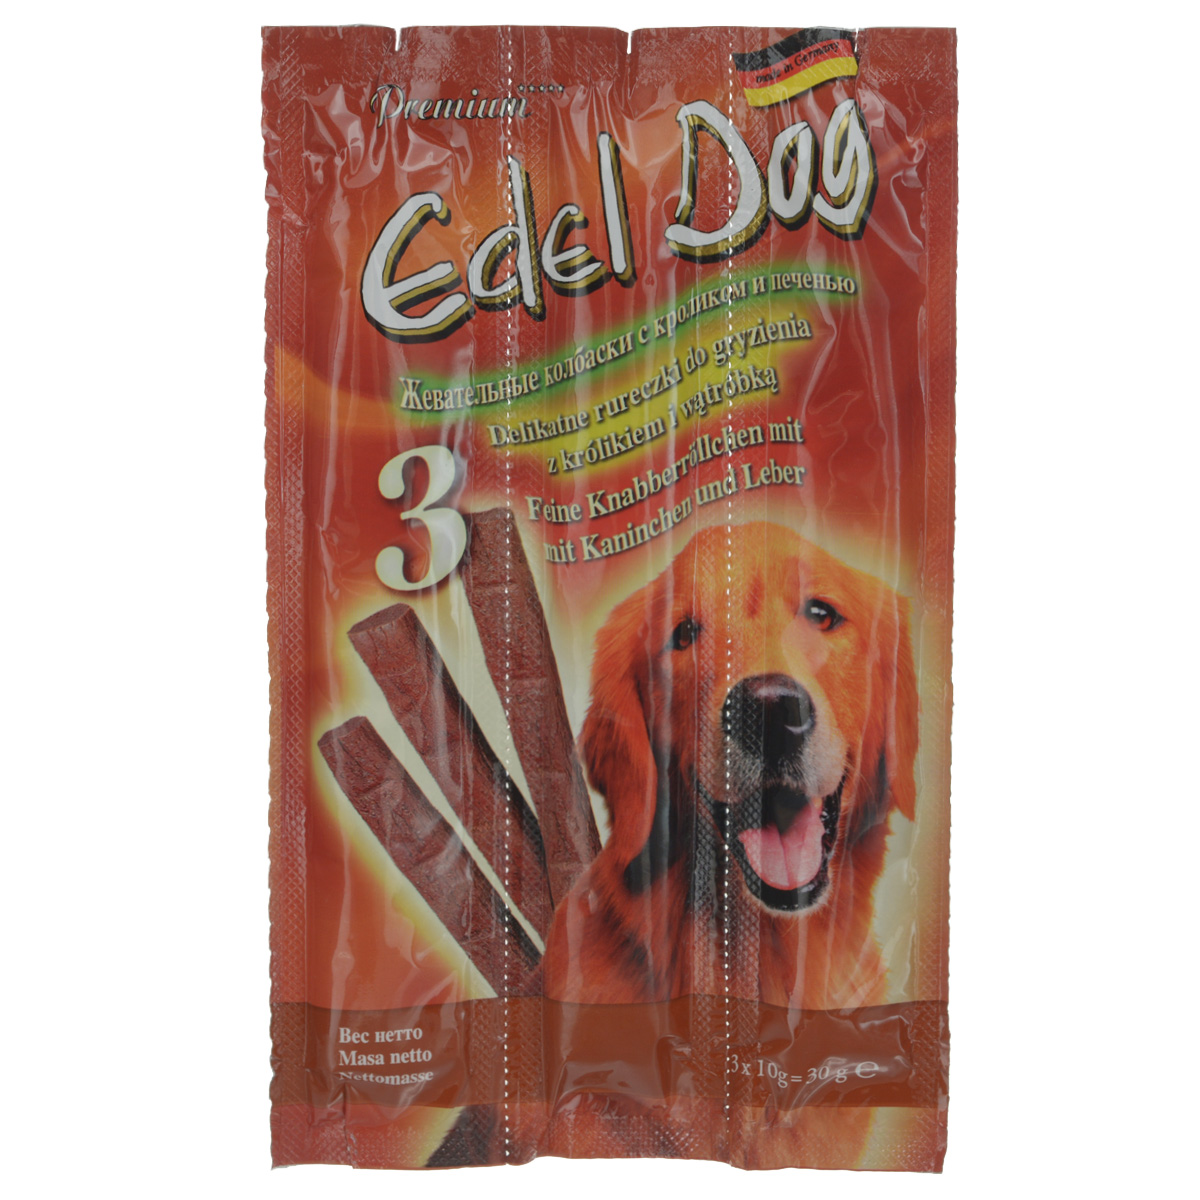 Колбаски жевательные Edel Dog для собак, с кроликом и печенью, 3 шт12826Жевательные колбаски Edel Dog - это лакомство для собак. Используются в качестве лакомства и в дополнение к основному корму. На 95% состоят из свежего мяса с добавлением витаминно-минерального комплекса.Состав: мясо и мясопродукты (90%, в т.ч. 6% кролика, 6% печени), минеральные вещества.Технологические добавки: антиоксиданты, консерванты.Аналитический состав: сырой протеин 35%, влажность 27%, сырой жир 21%, сырая зола 9%, сырая клетчатка 0,5%.Товар сертифицирован.Тайная жизнь домашних животных: чем занять собаку, пока вы на работе. Статья OZON Гид